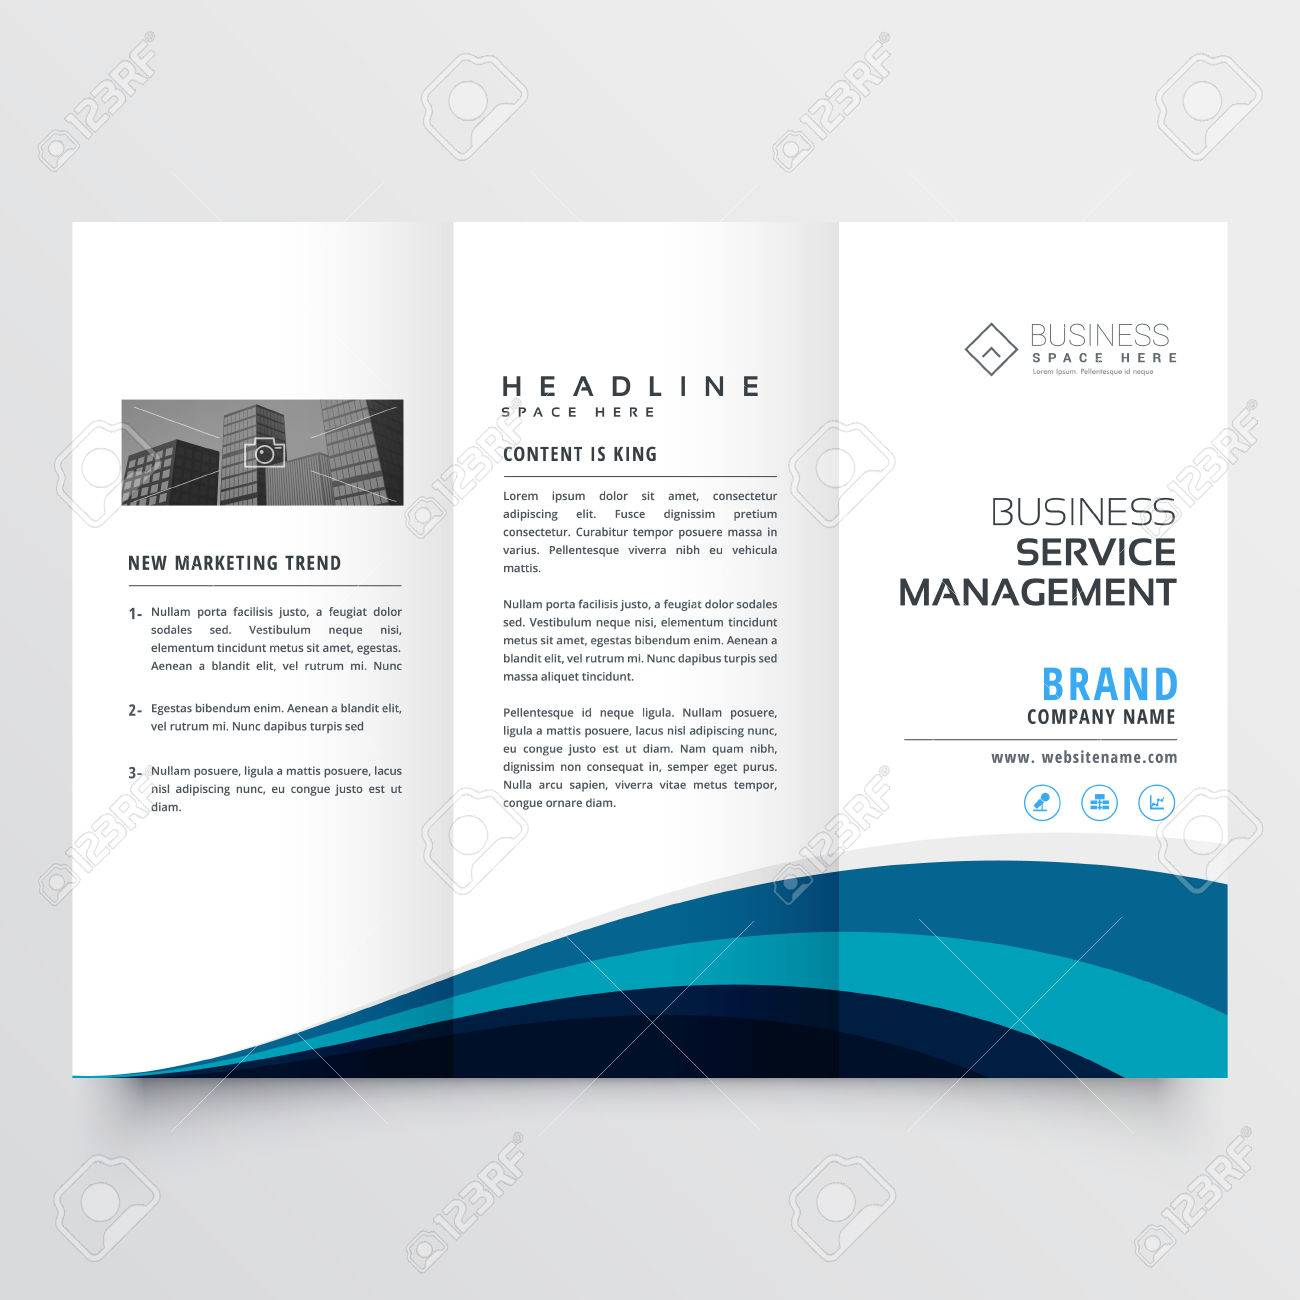 Modele De Conception Moderne De Brochure A Trois Volets Clip Art Libres De Droits Vecteurs Et Illustration Image 71499517